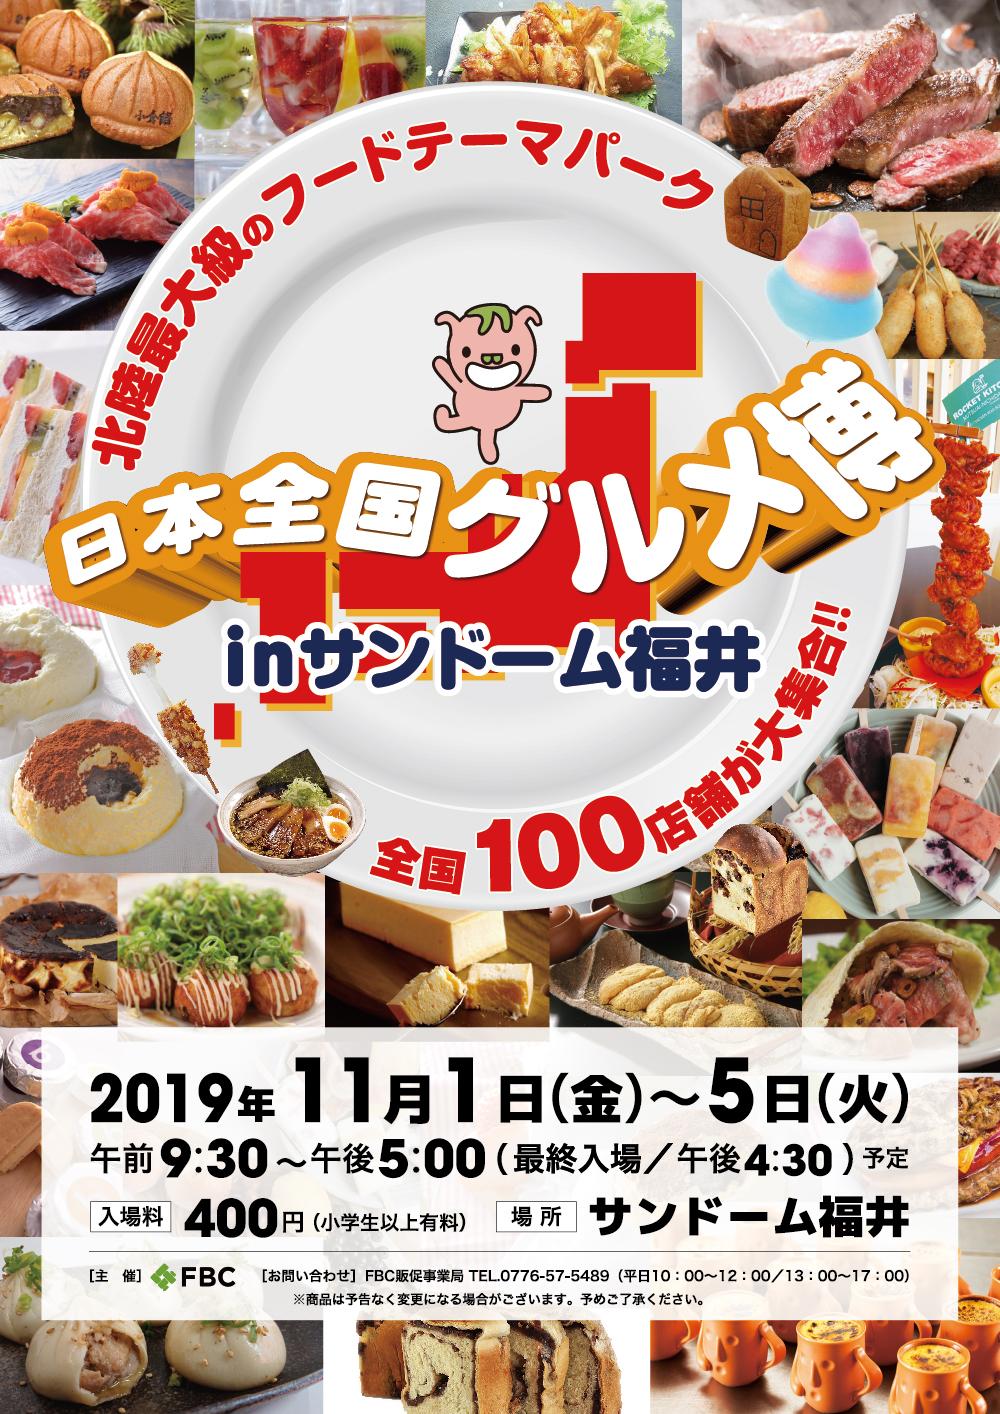 引用元 http://www2.fbc.jp/gourmet_in_fukui/gourmet.html#point7FBC-i 福井放送のホームページ